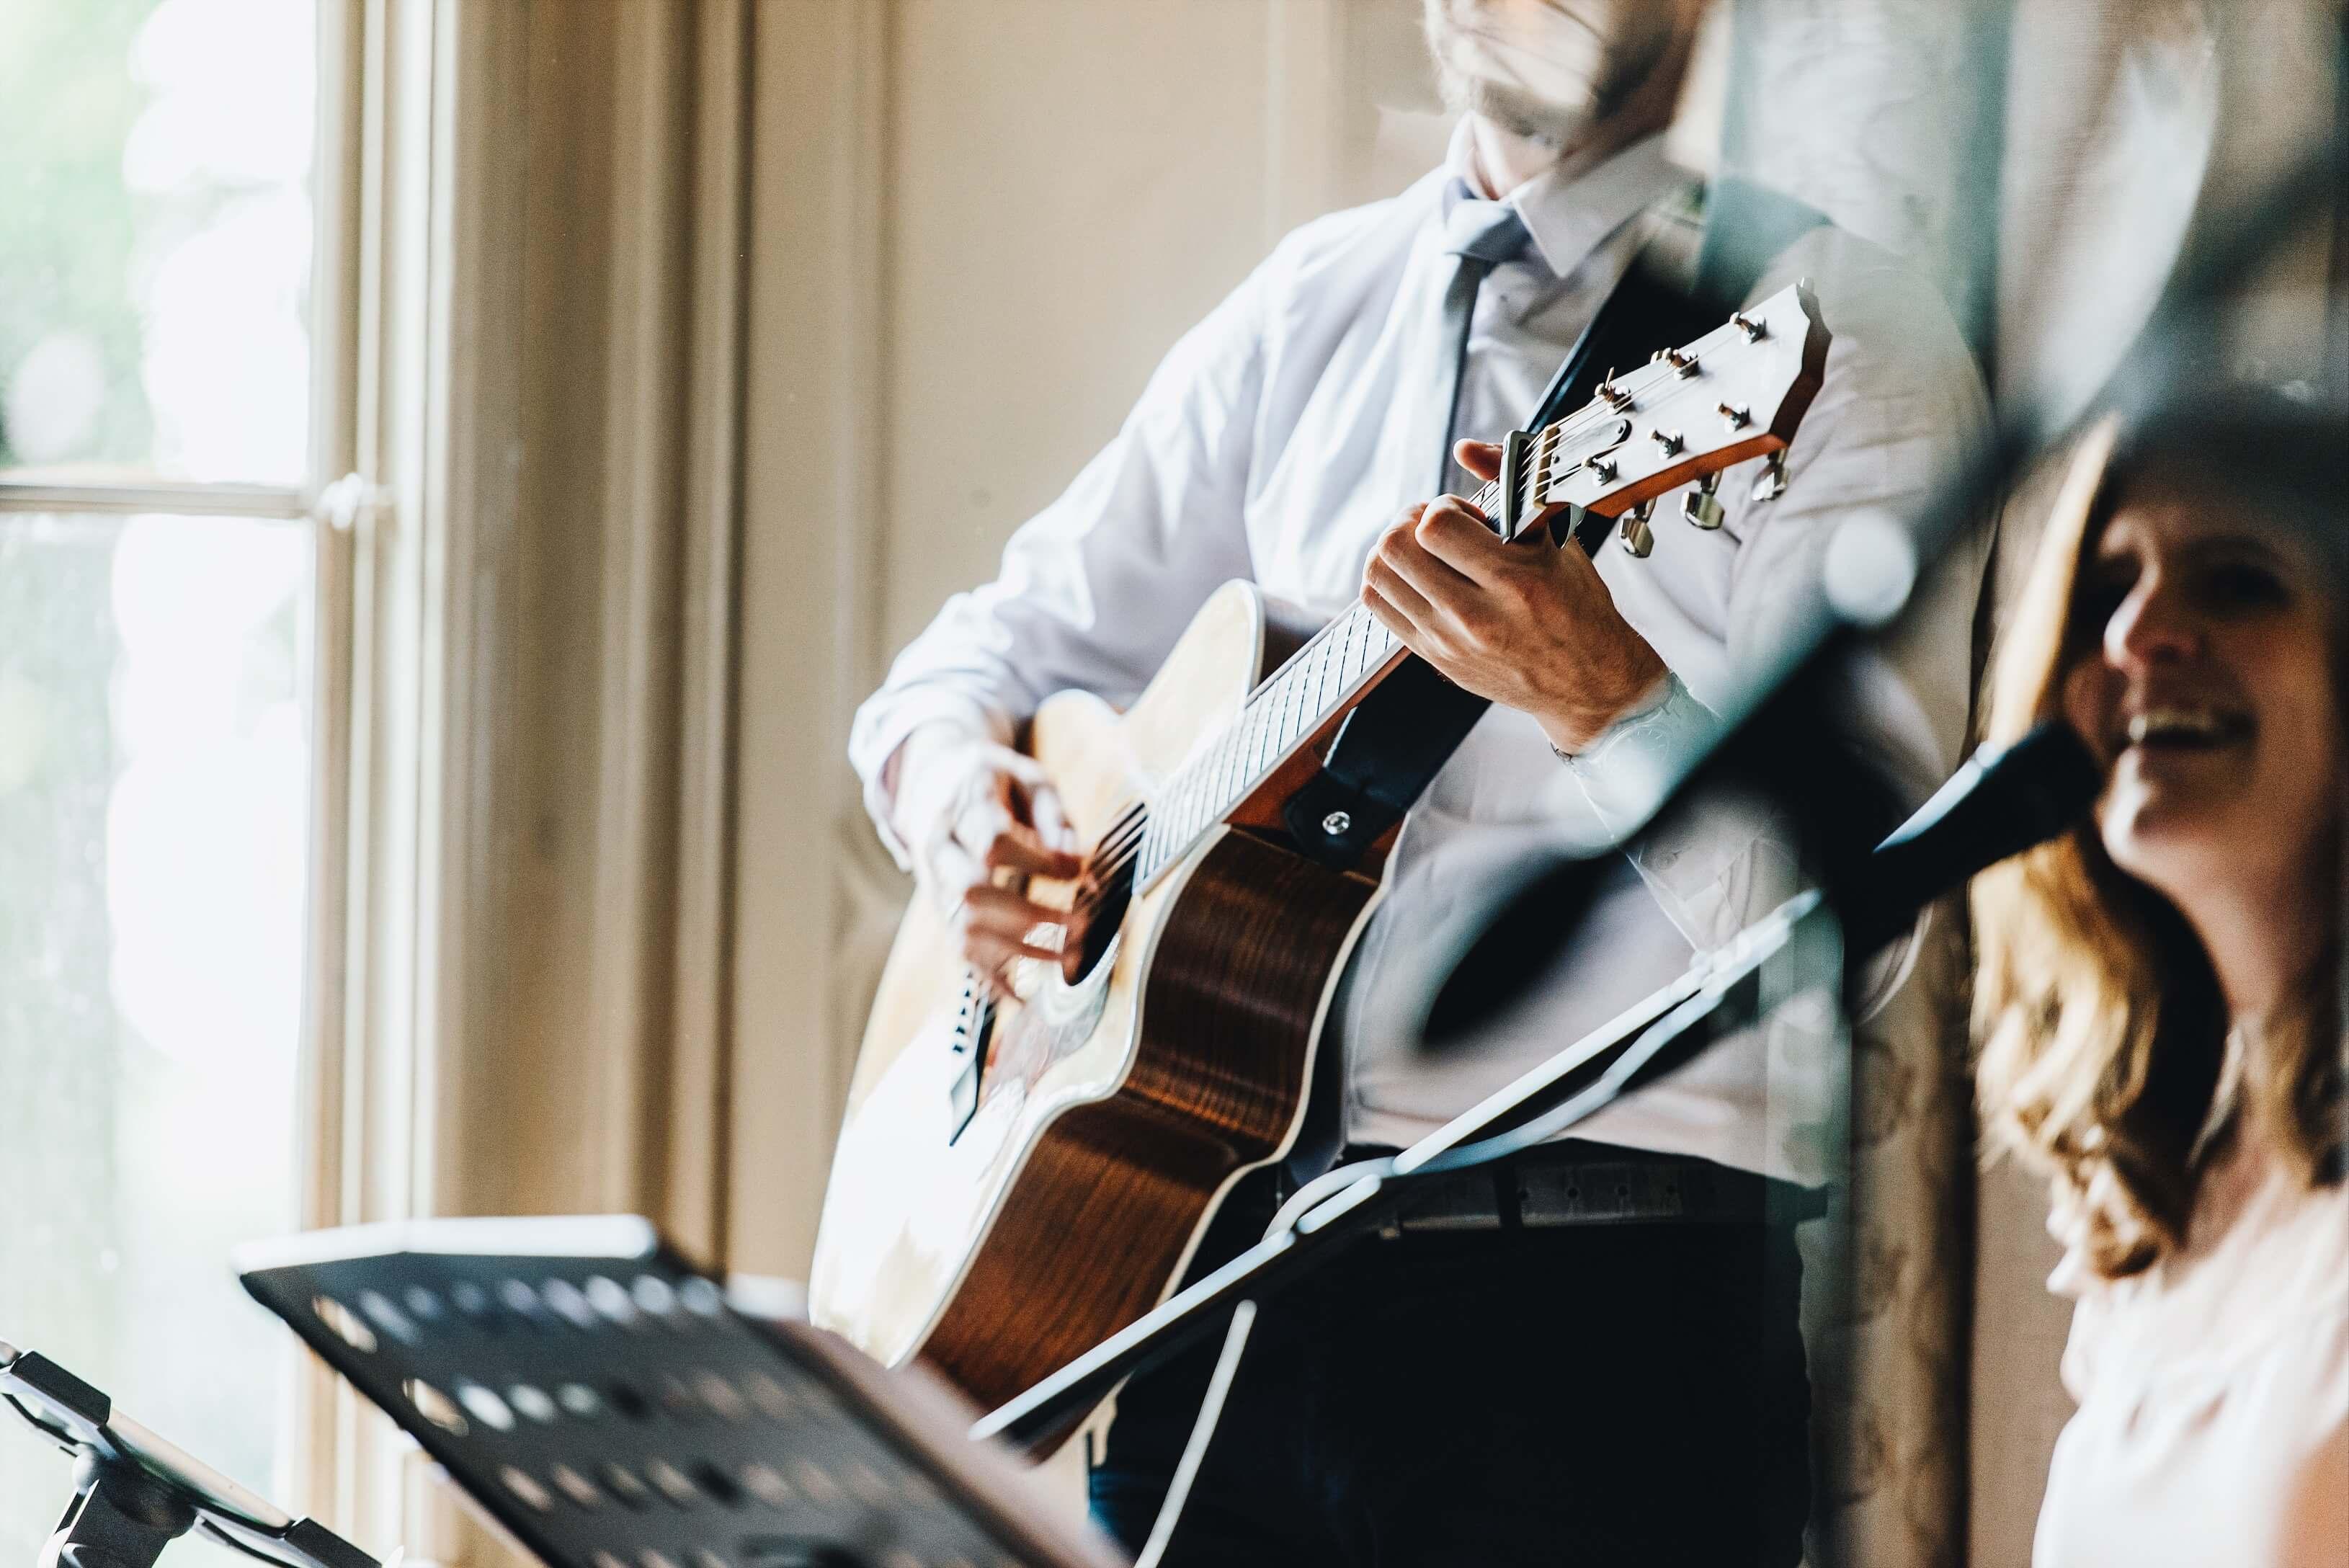 Live muziek tijdens huwelijksceremonie